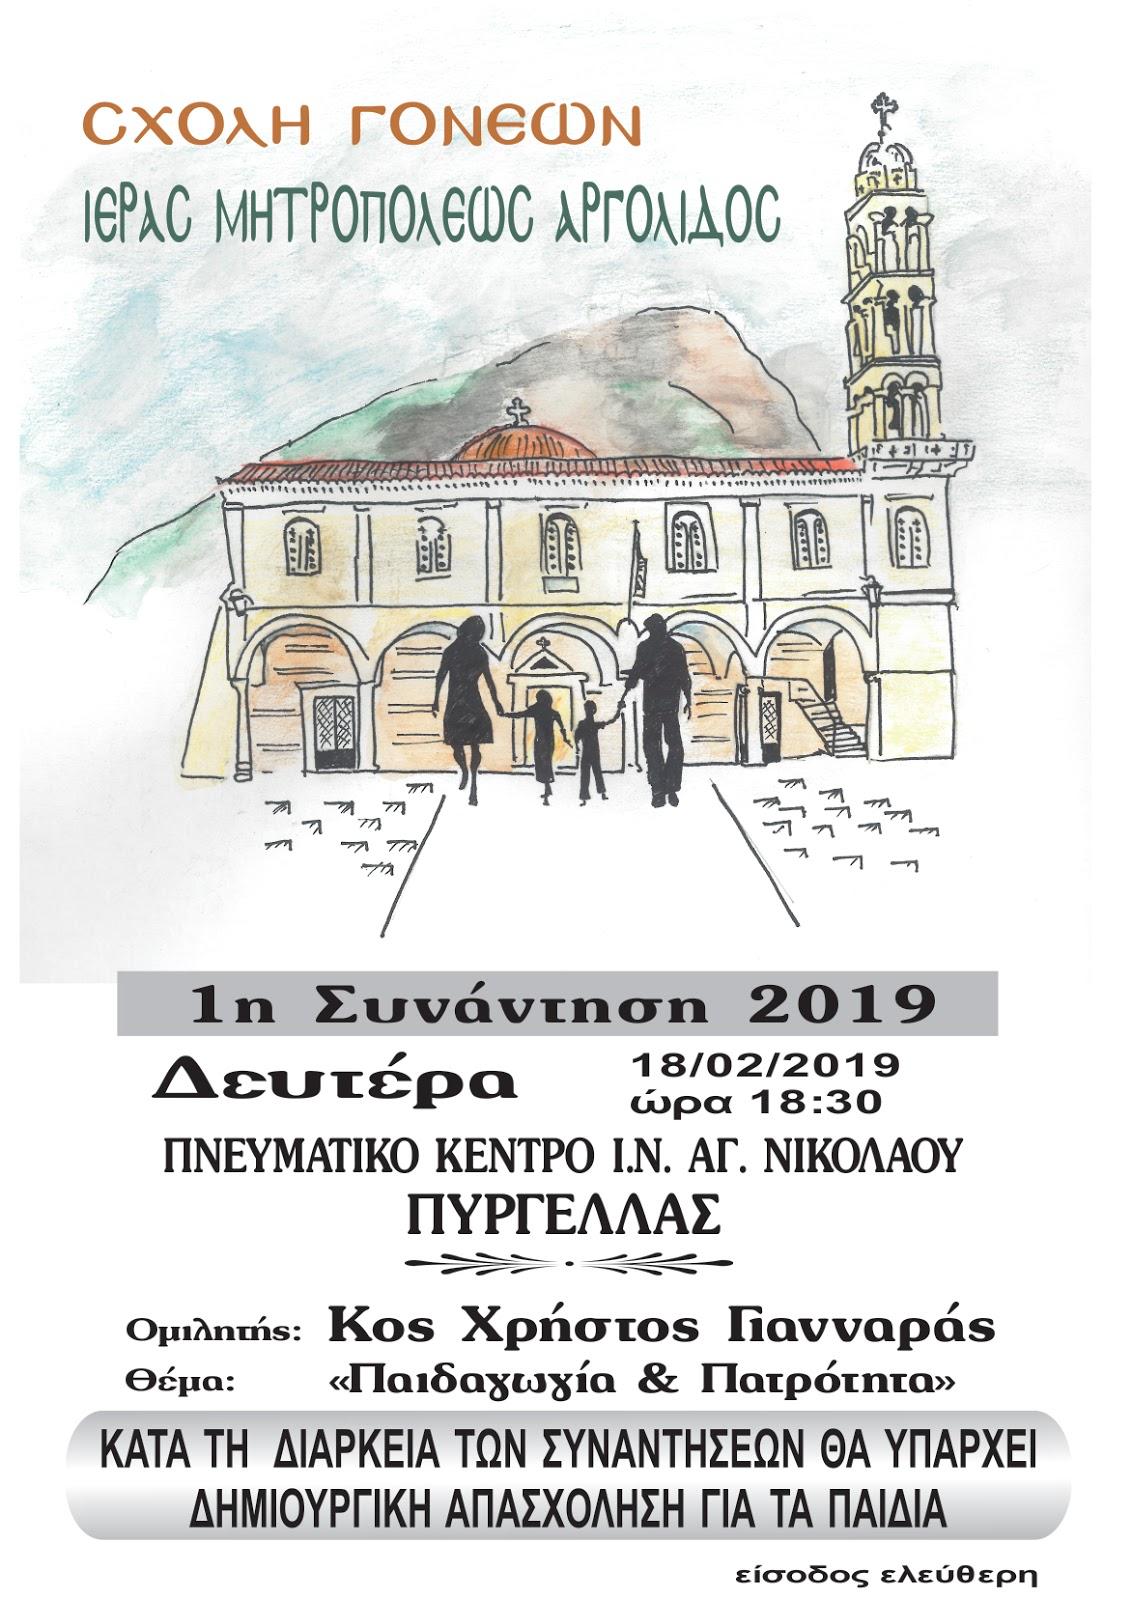 1η Συνάντηση Σχολής Γονέων Ι.Μητροπόλεως Αργολίδος για το 2019